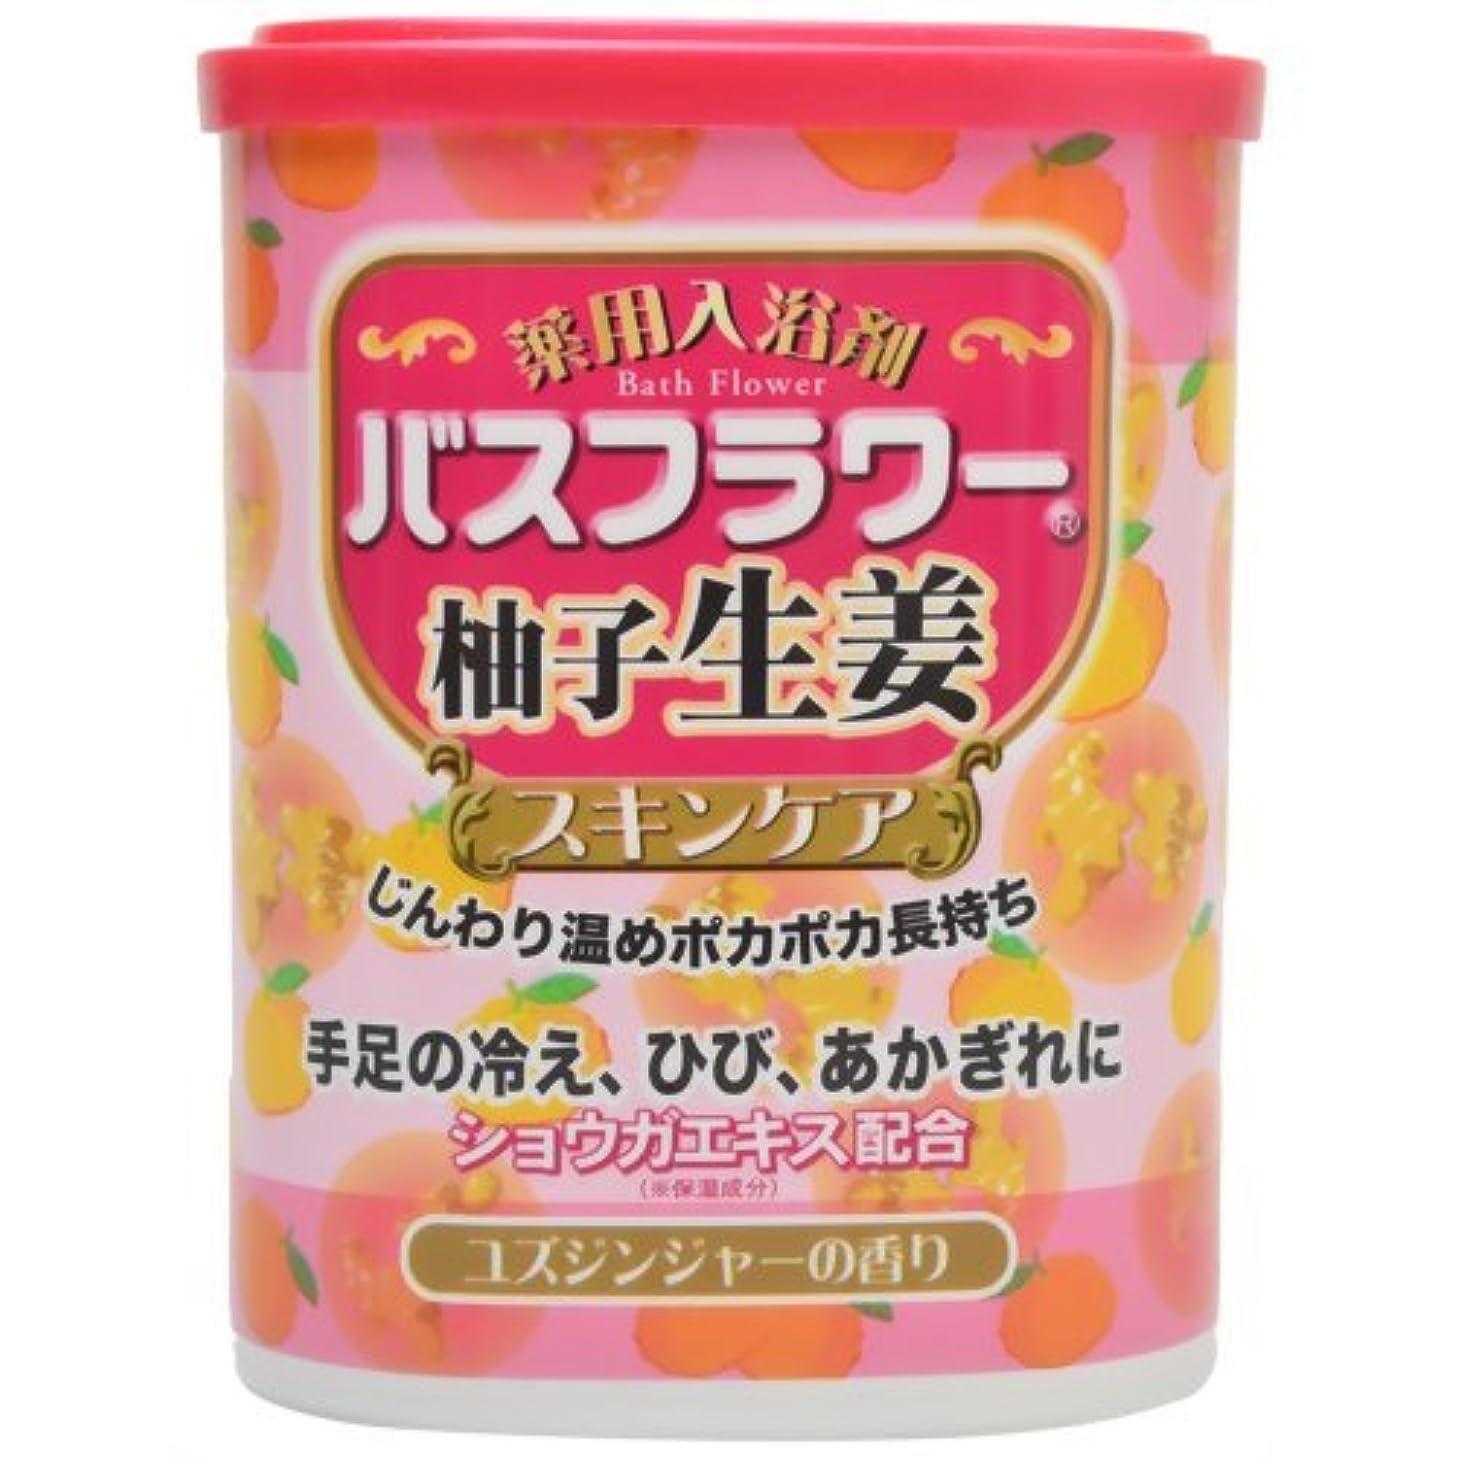 クスコ時刻表ワンダーバスフラワー 薬用入浴剤スキンケア柚子生姜 680g